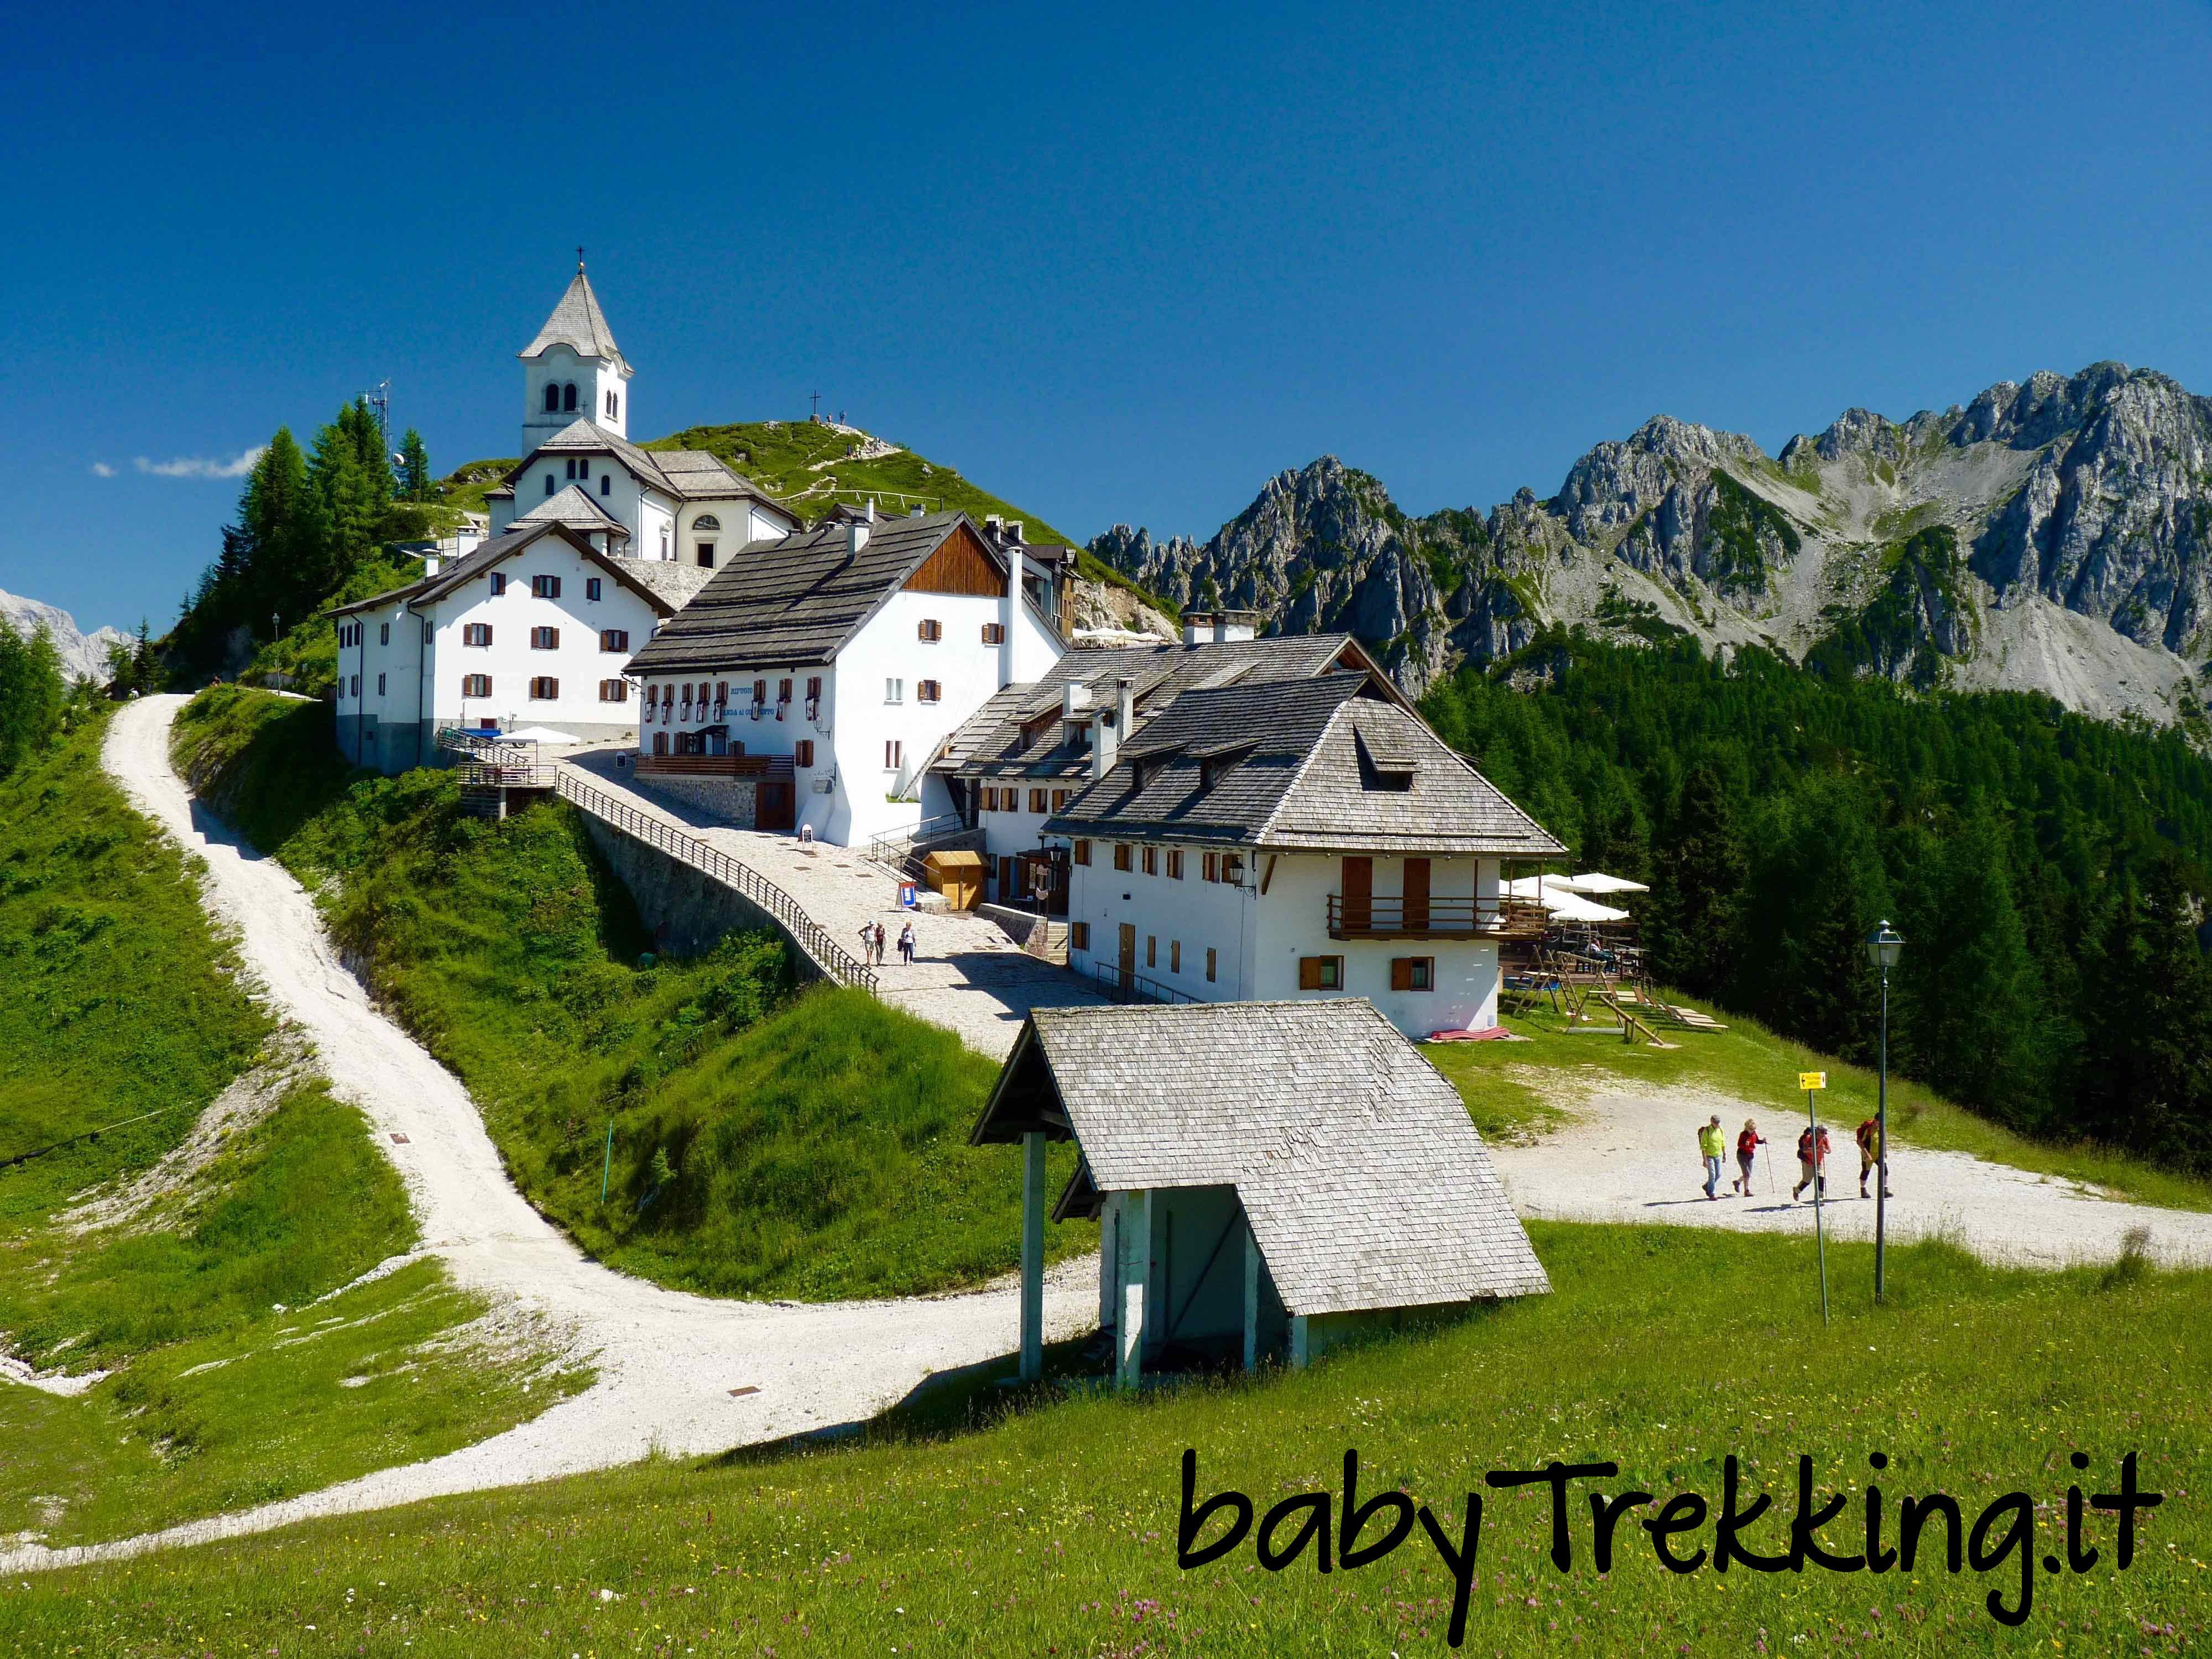 Il monte lussari una meraviglia a portata di passeggino for Family hotel asiago